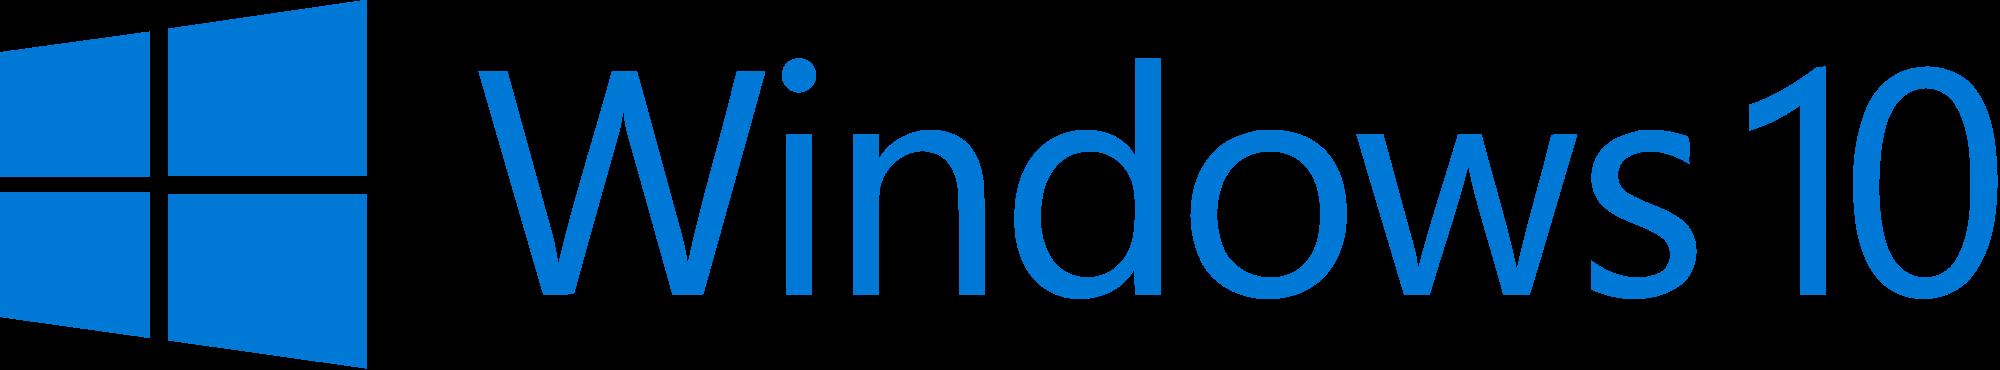 Скачать живого логотип windows 10